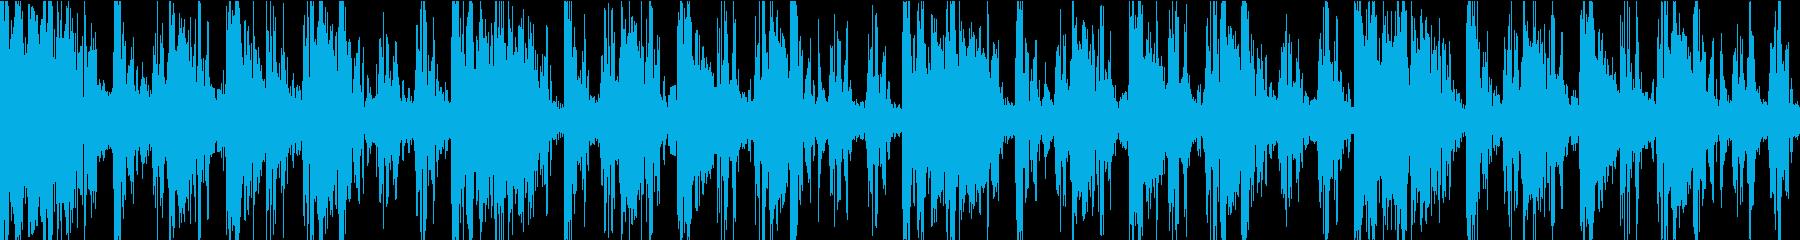 ダークエレクトログルーブ。ラフでエ...の再生済みの波形